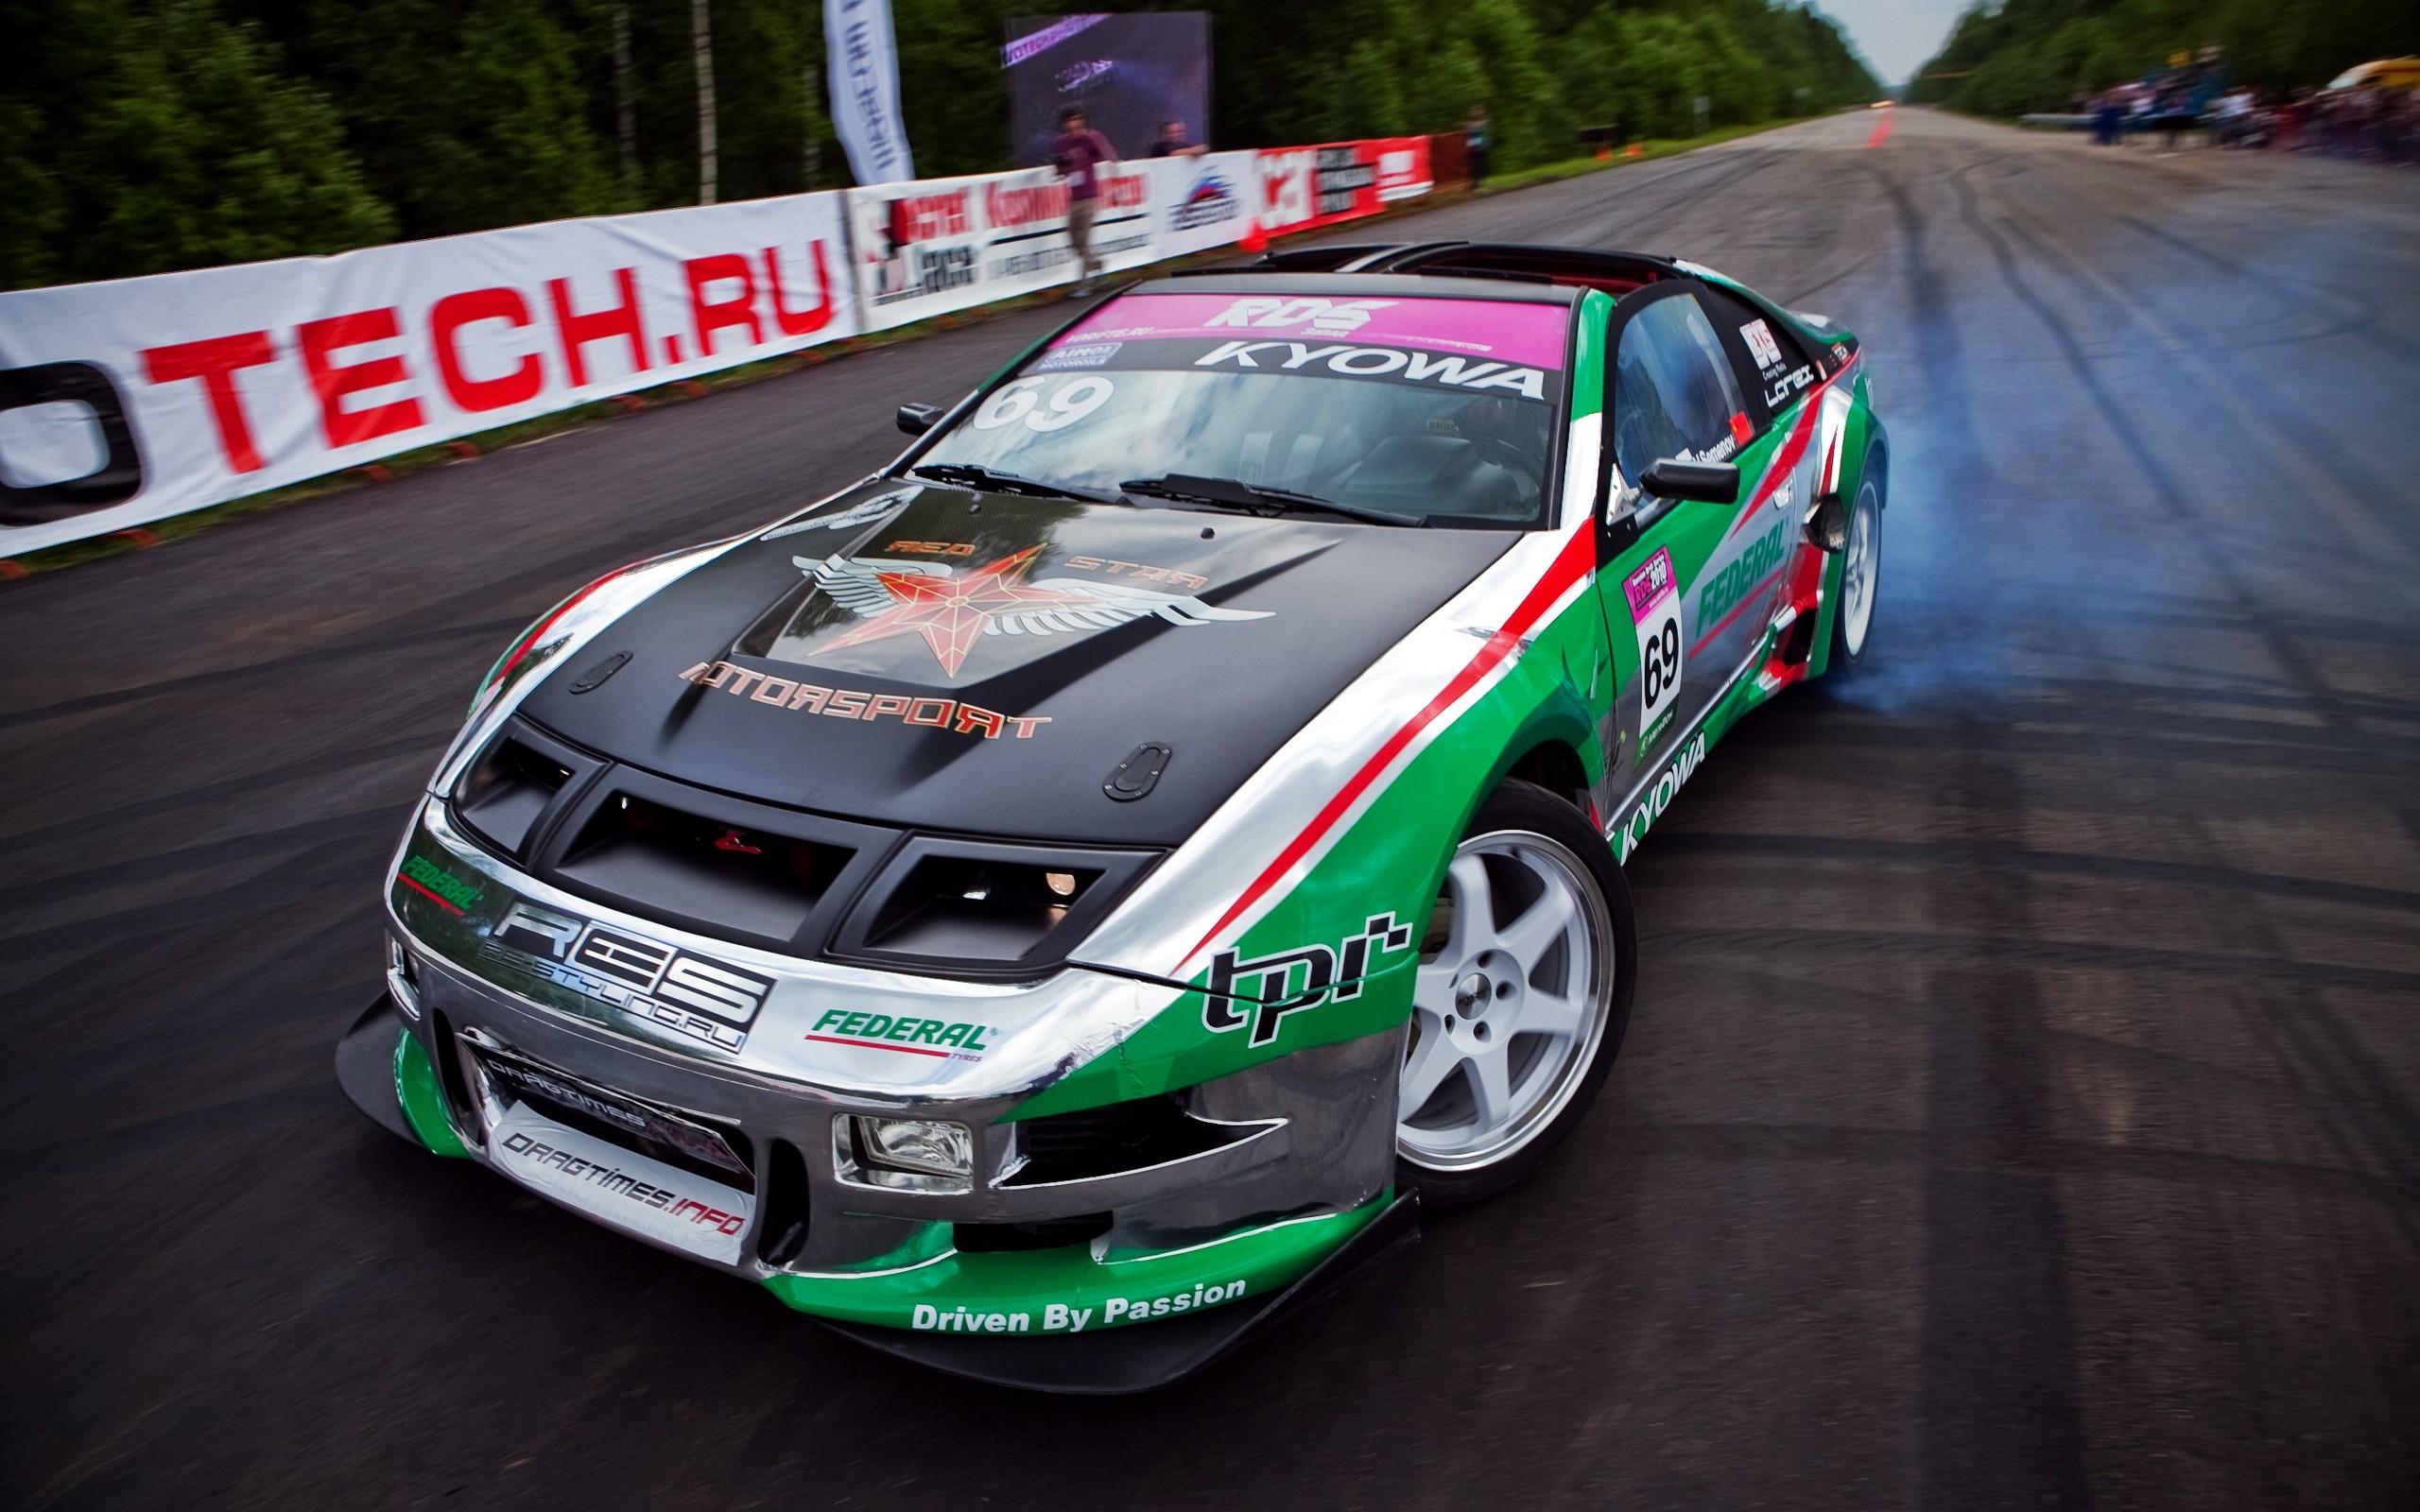 Wallpaper : vehicle, sports car, drift, Nissan 300ZX ...